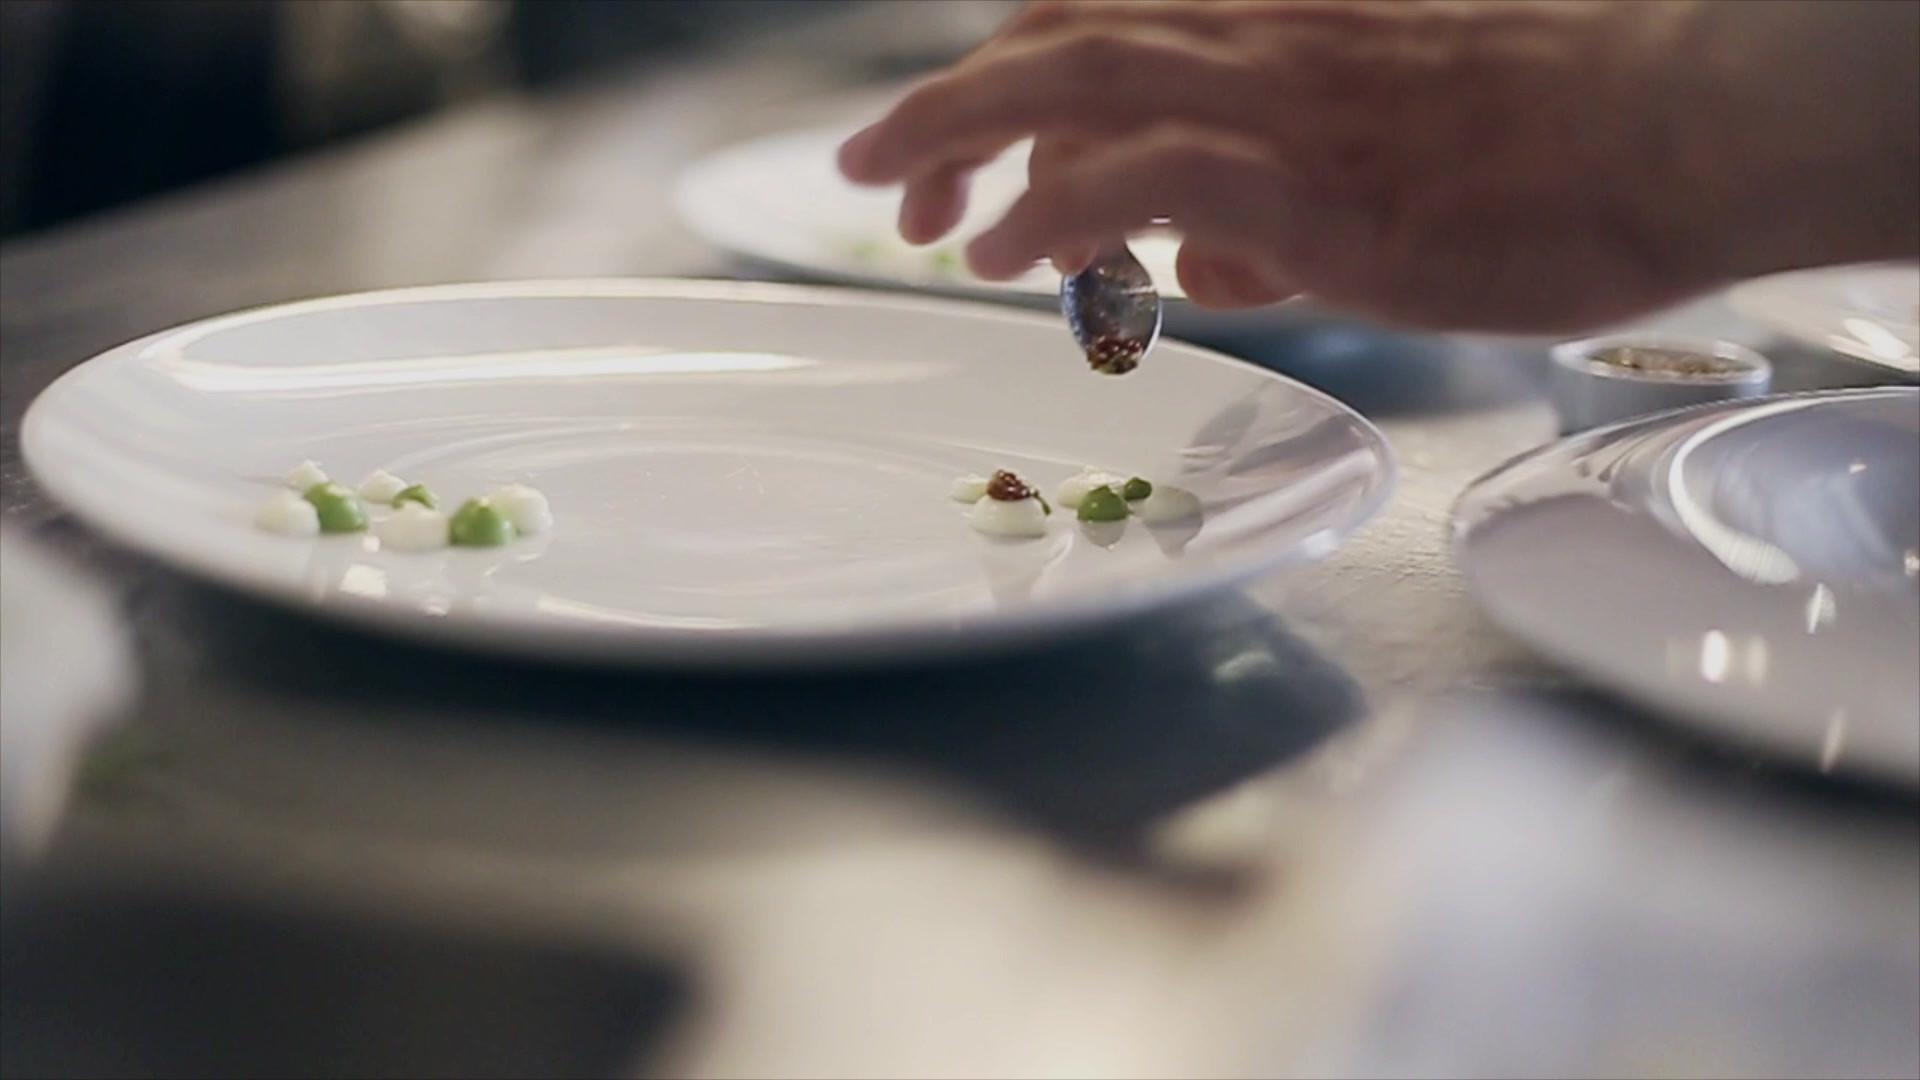 Kuchen Kaufen Delmenhorst Kuche Kaufen Empfehlung Ikea Kuche Im